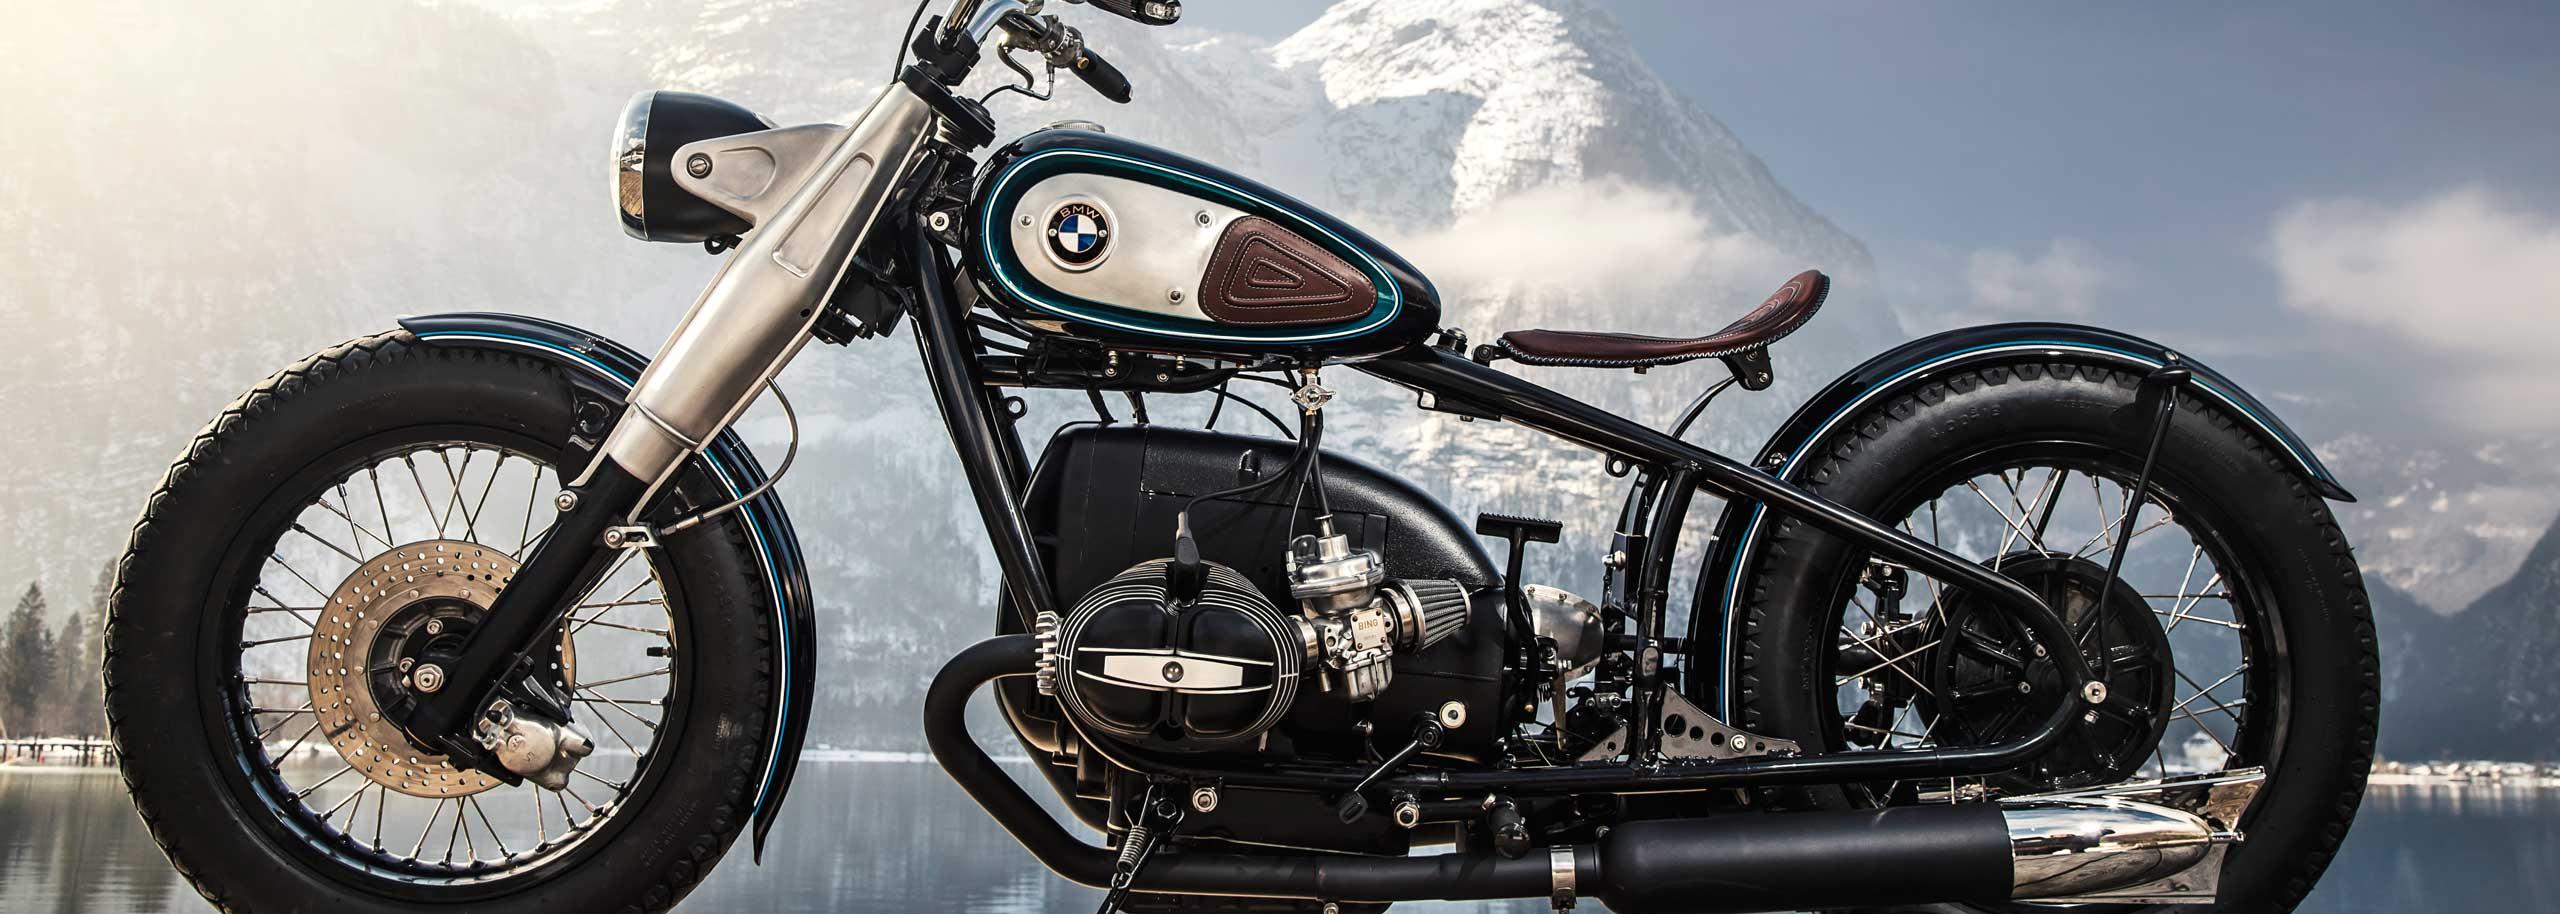 03_TITAN-BAVARIAN-BOBBER_BMW-R50-3_Cafe-Racer-Graz-Motorrad-Umbau-Austria-Vintage_Custom-Bikes_Motorrad-Umbauten_Zweirad_Customteile-auf-Kundenwunsch